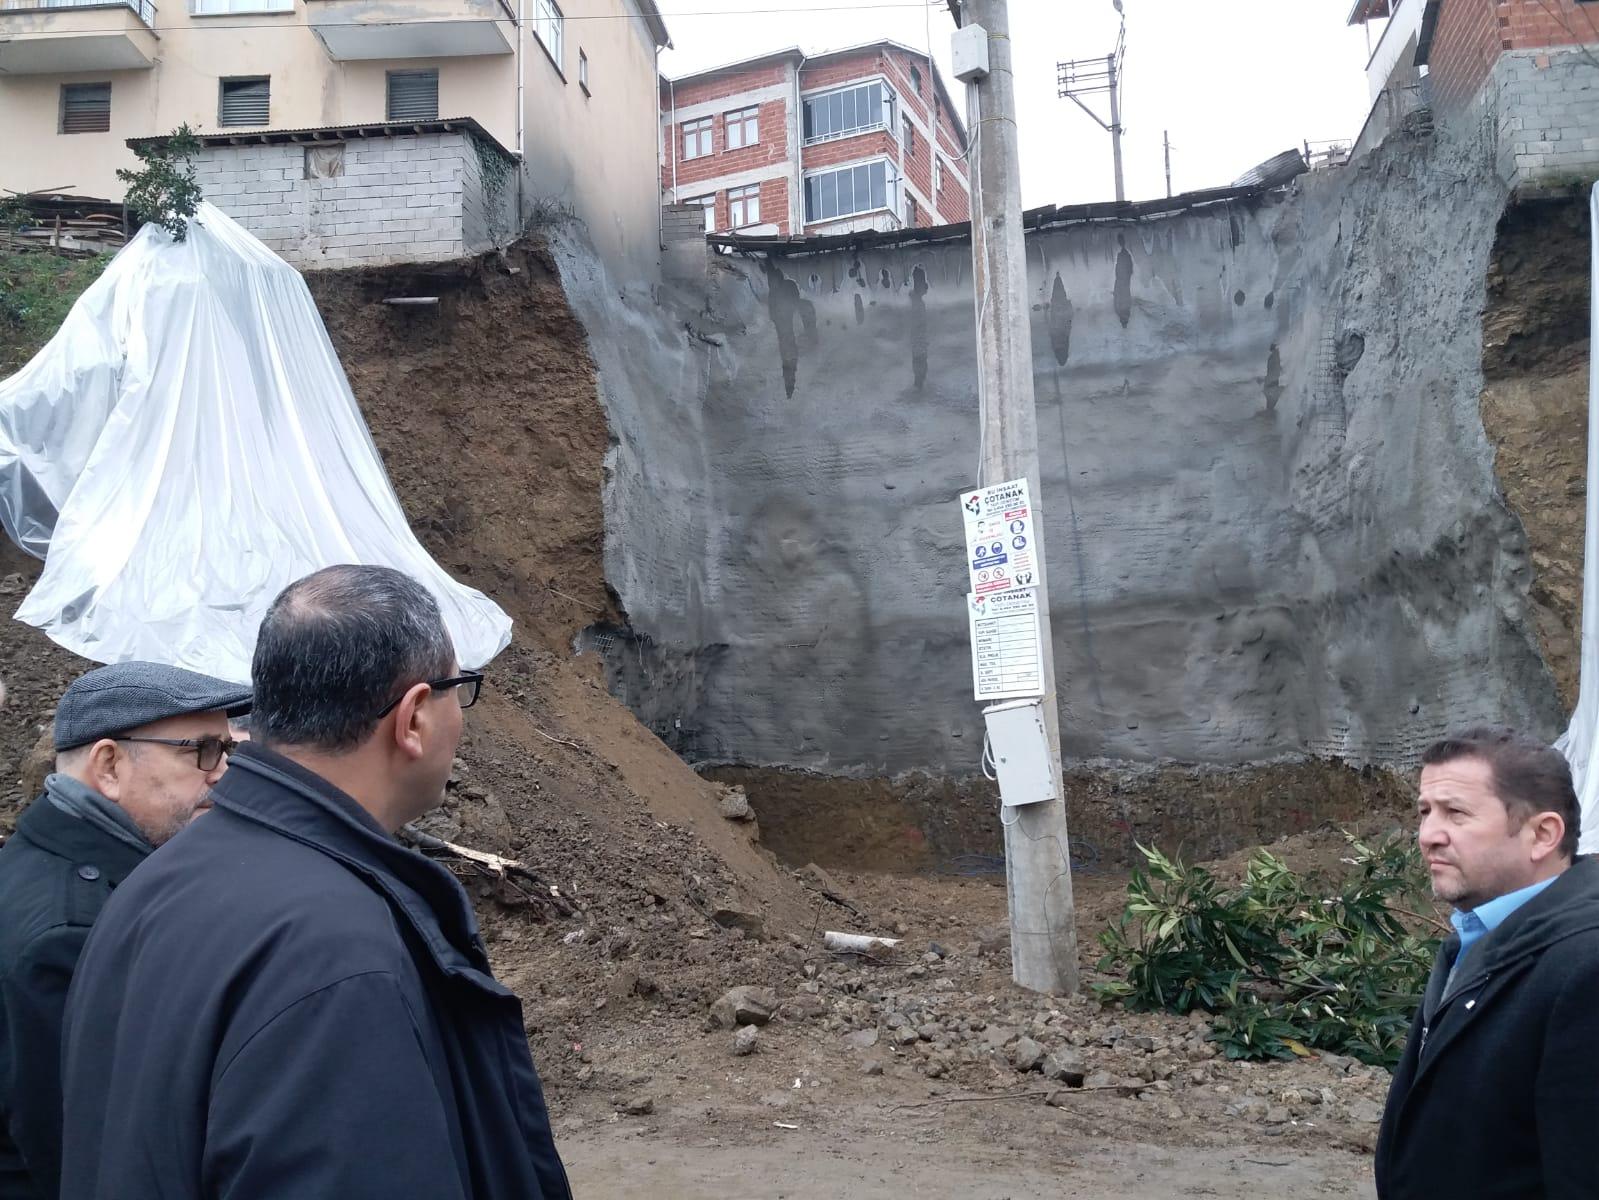 Giresun'da Heyelan Riski Altında Bulunan Binalar Tedbir Amaçlı Boşaltıldı